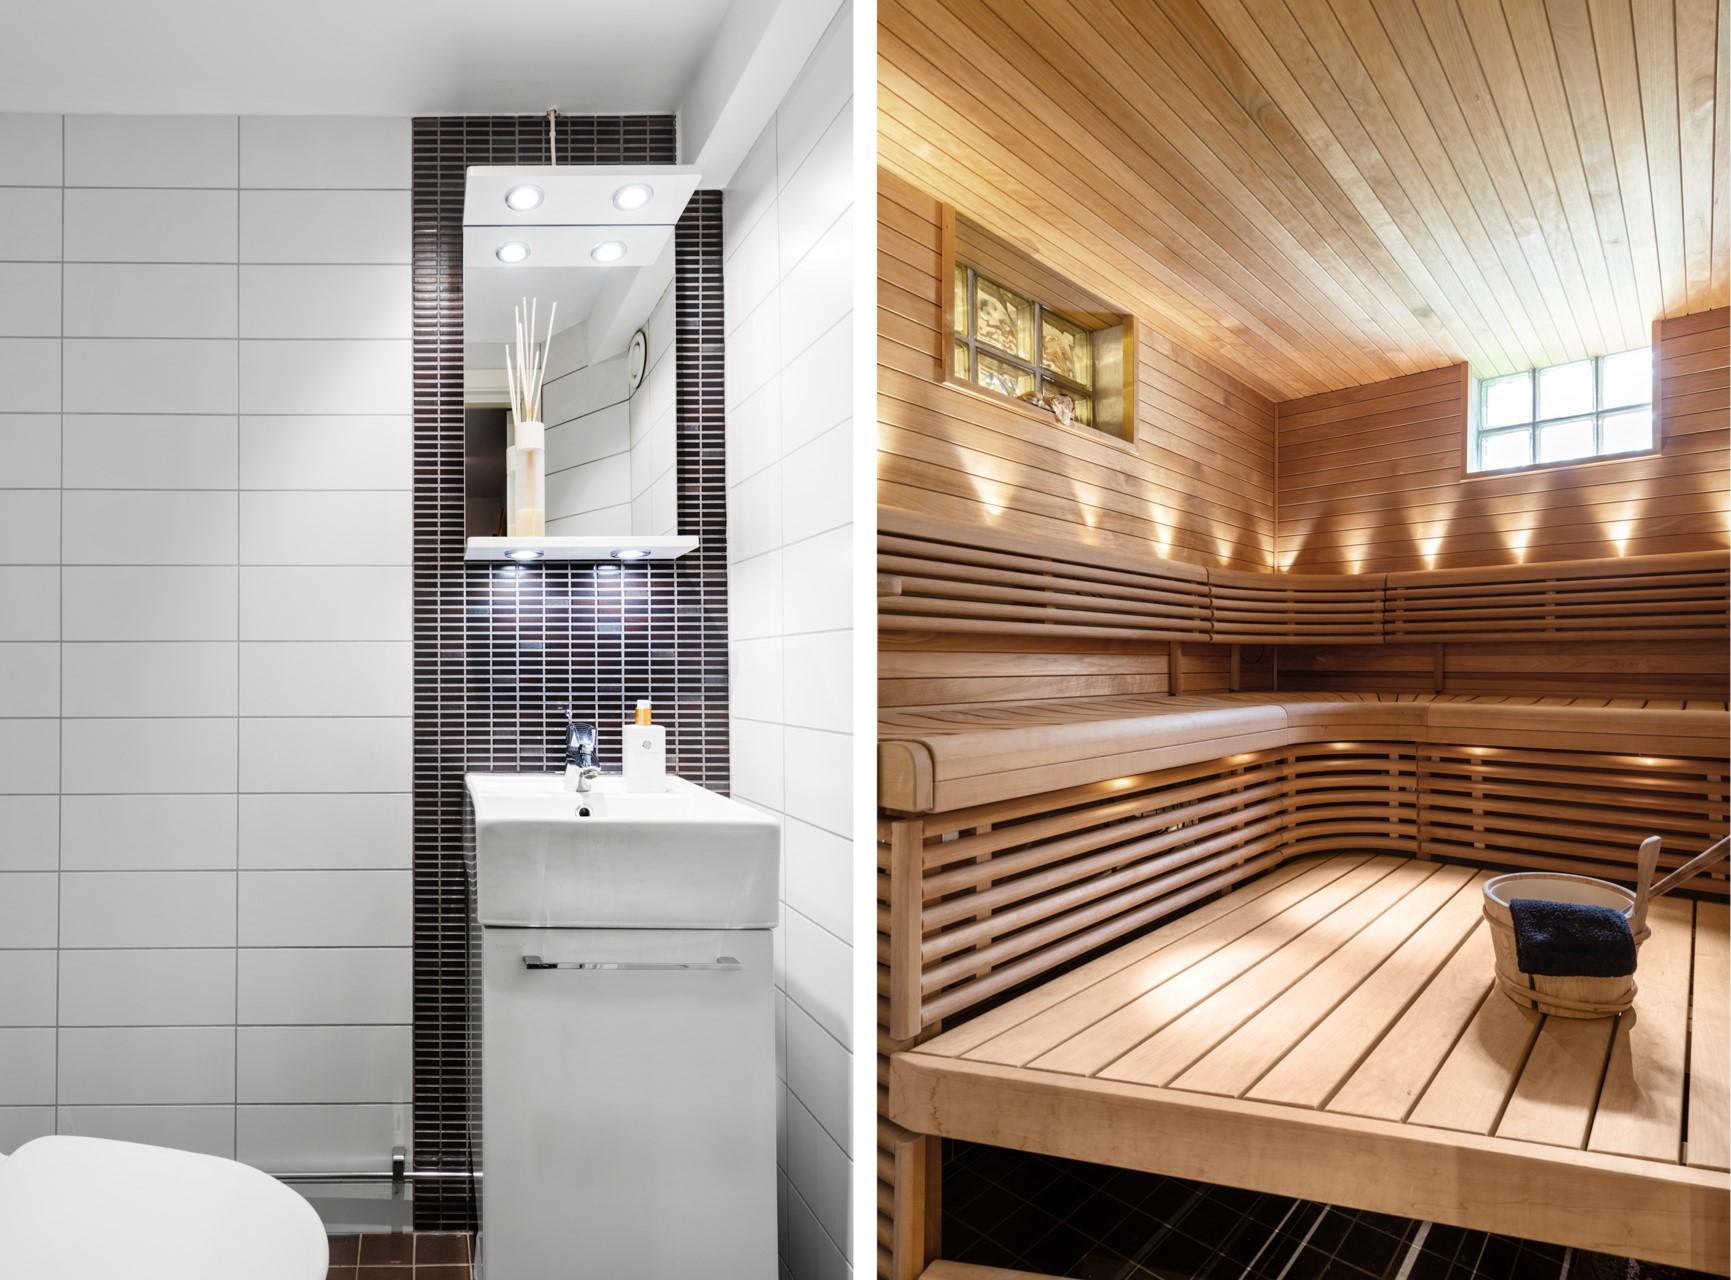 Separat toalett i anslutning till dusch/bastu